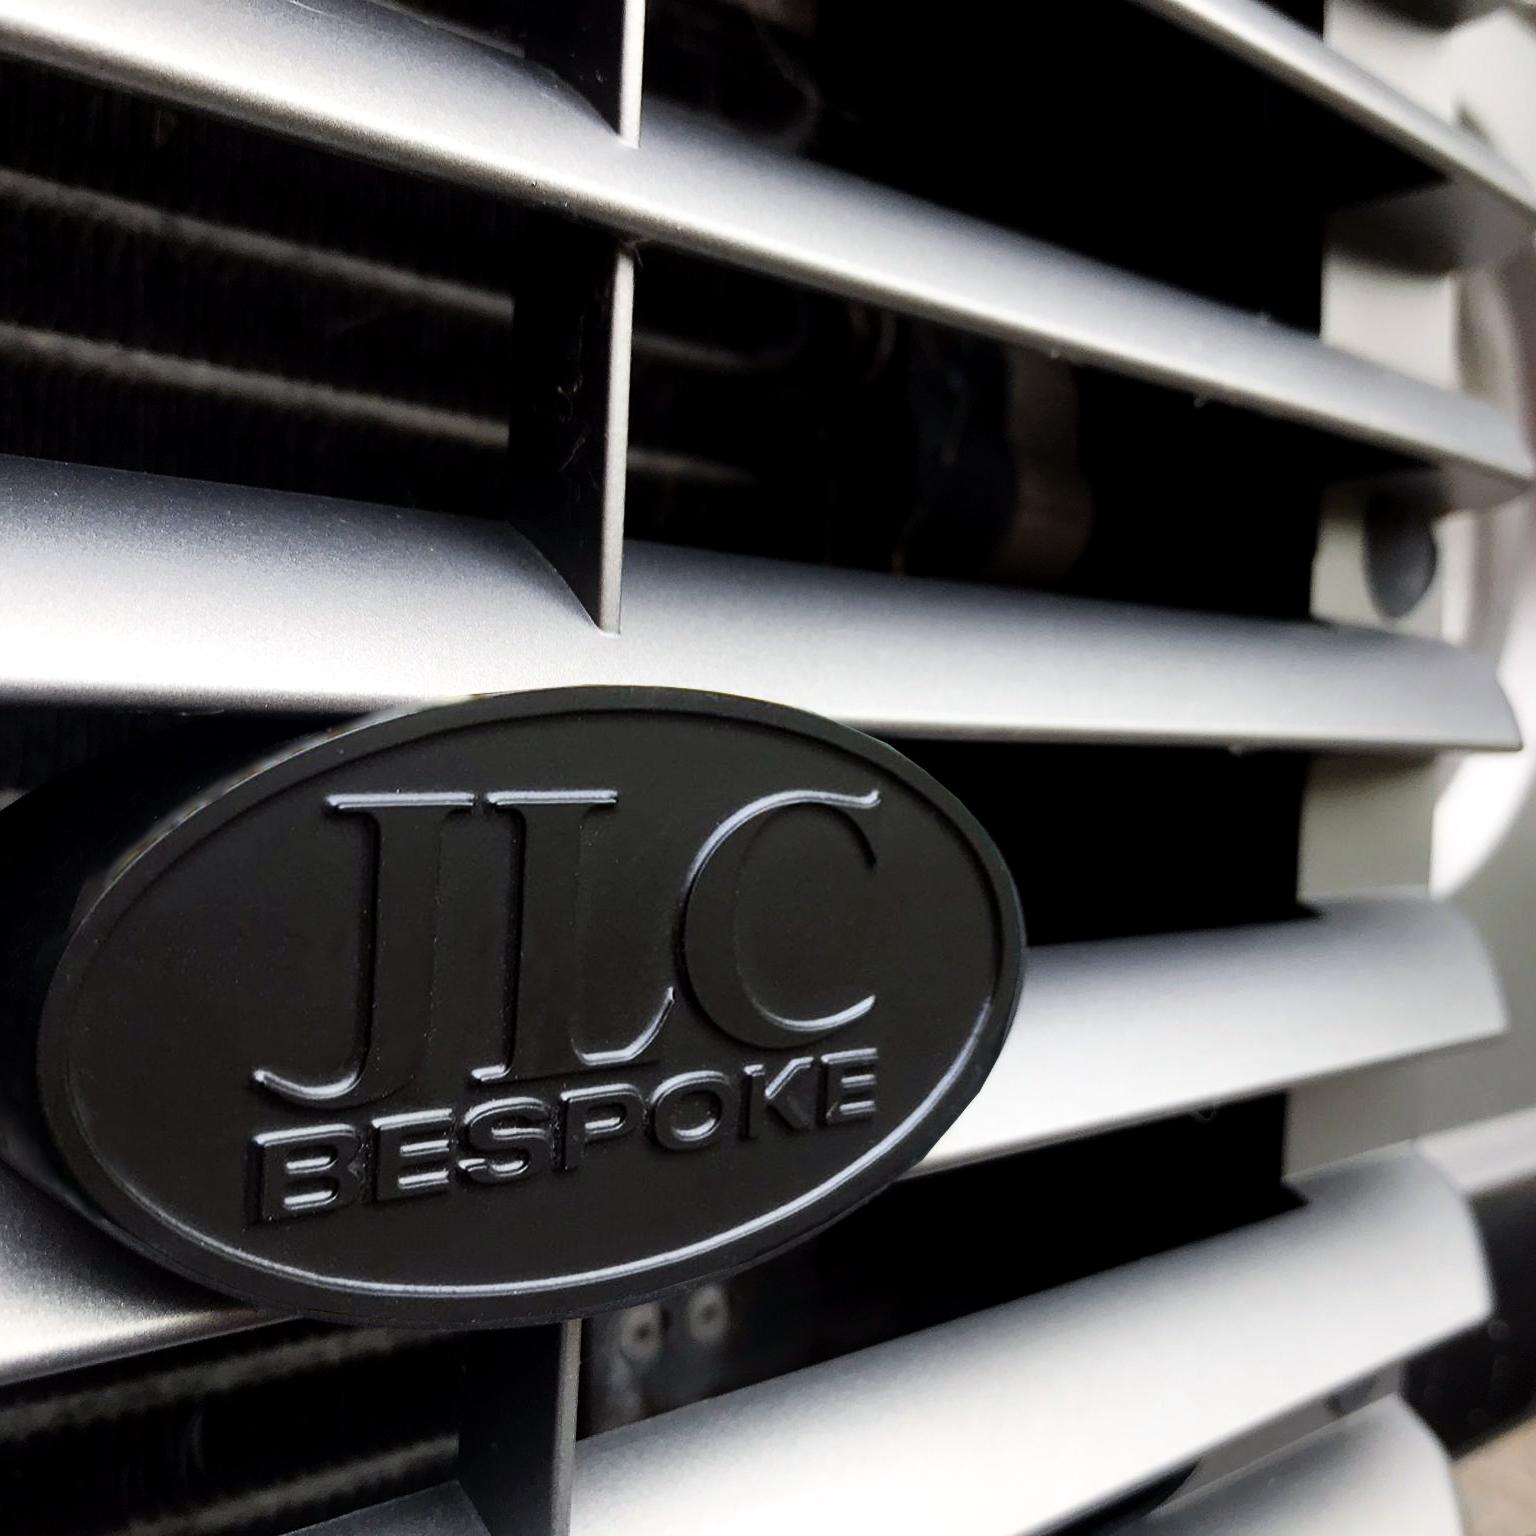 JLC Bespoke Car Badge